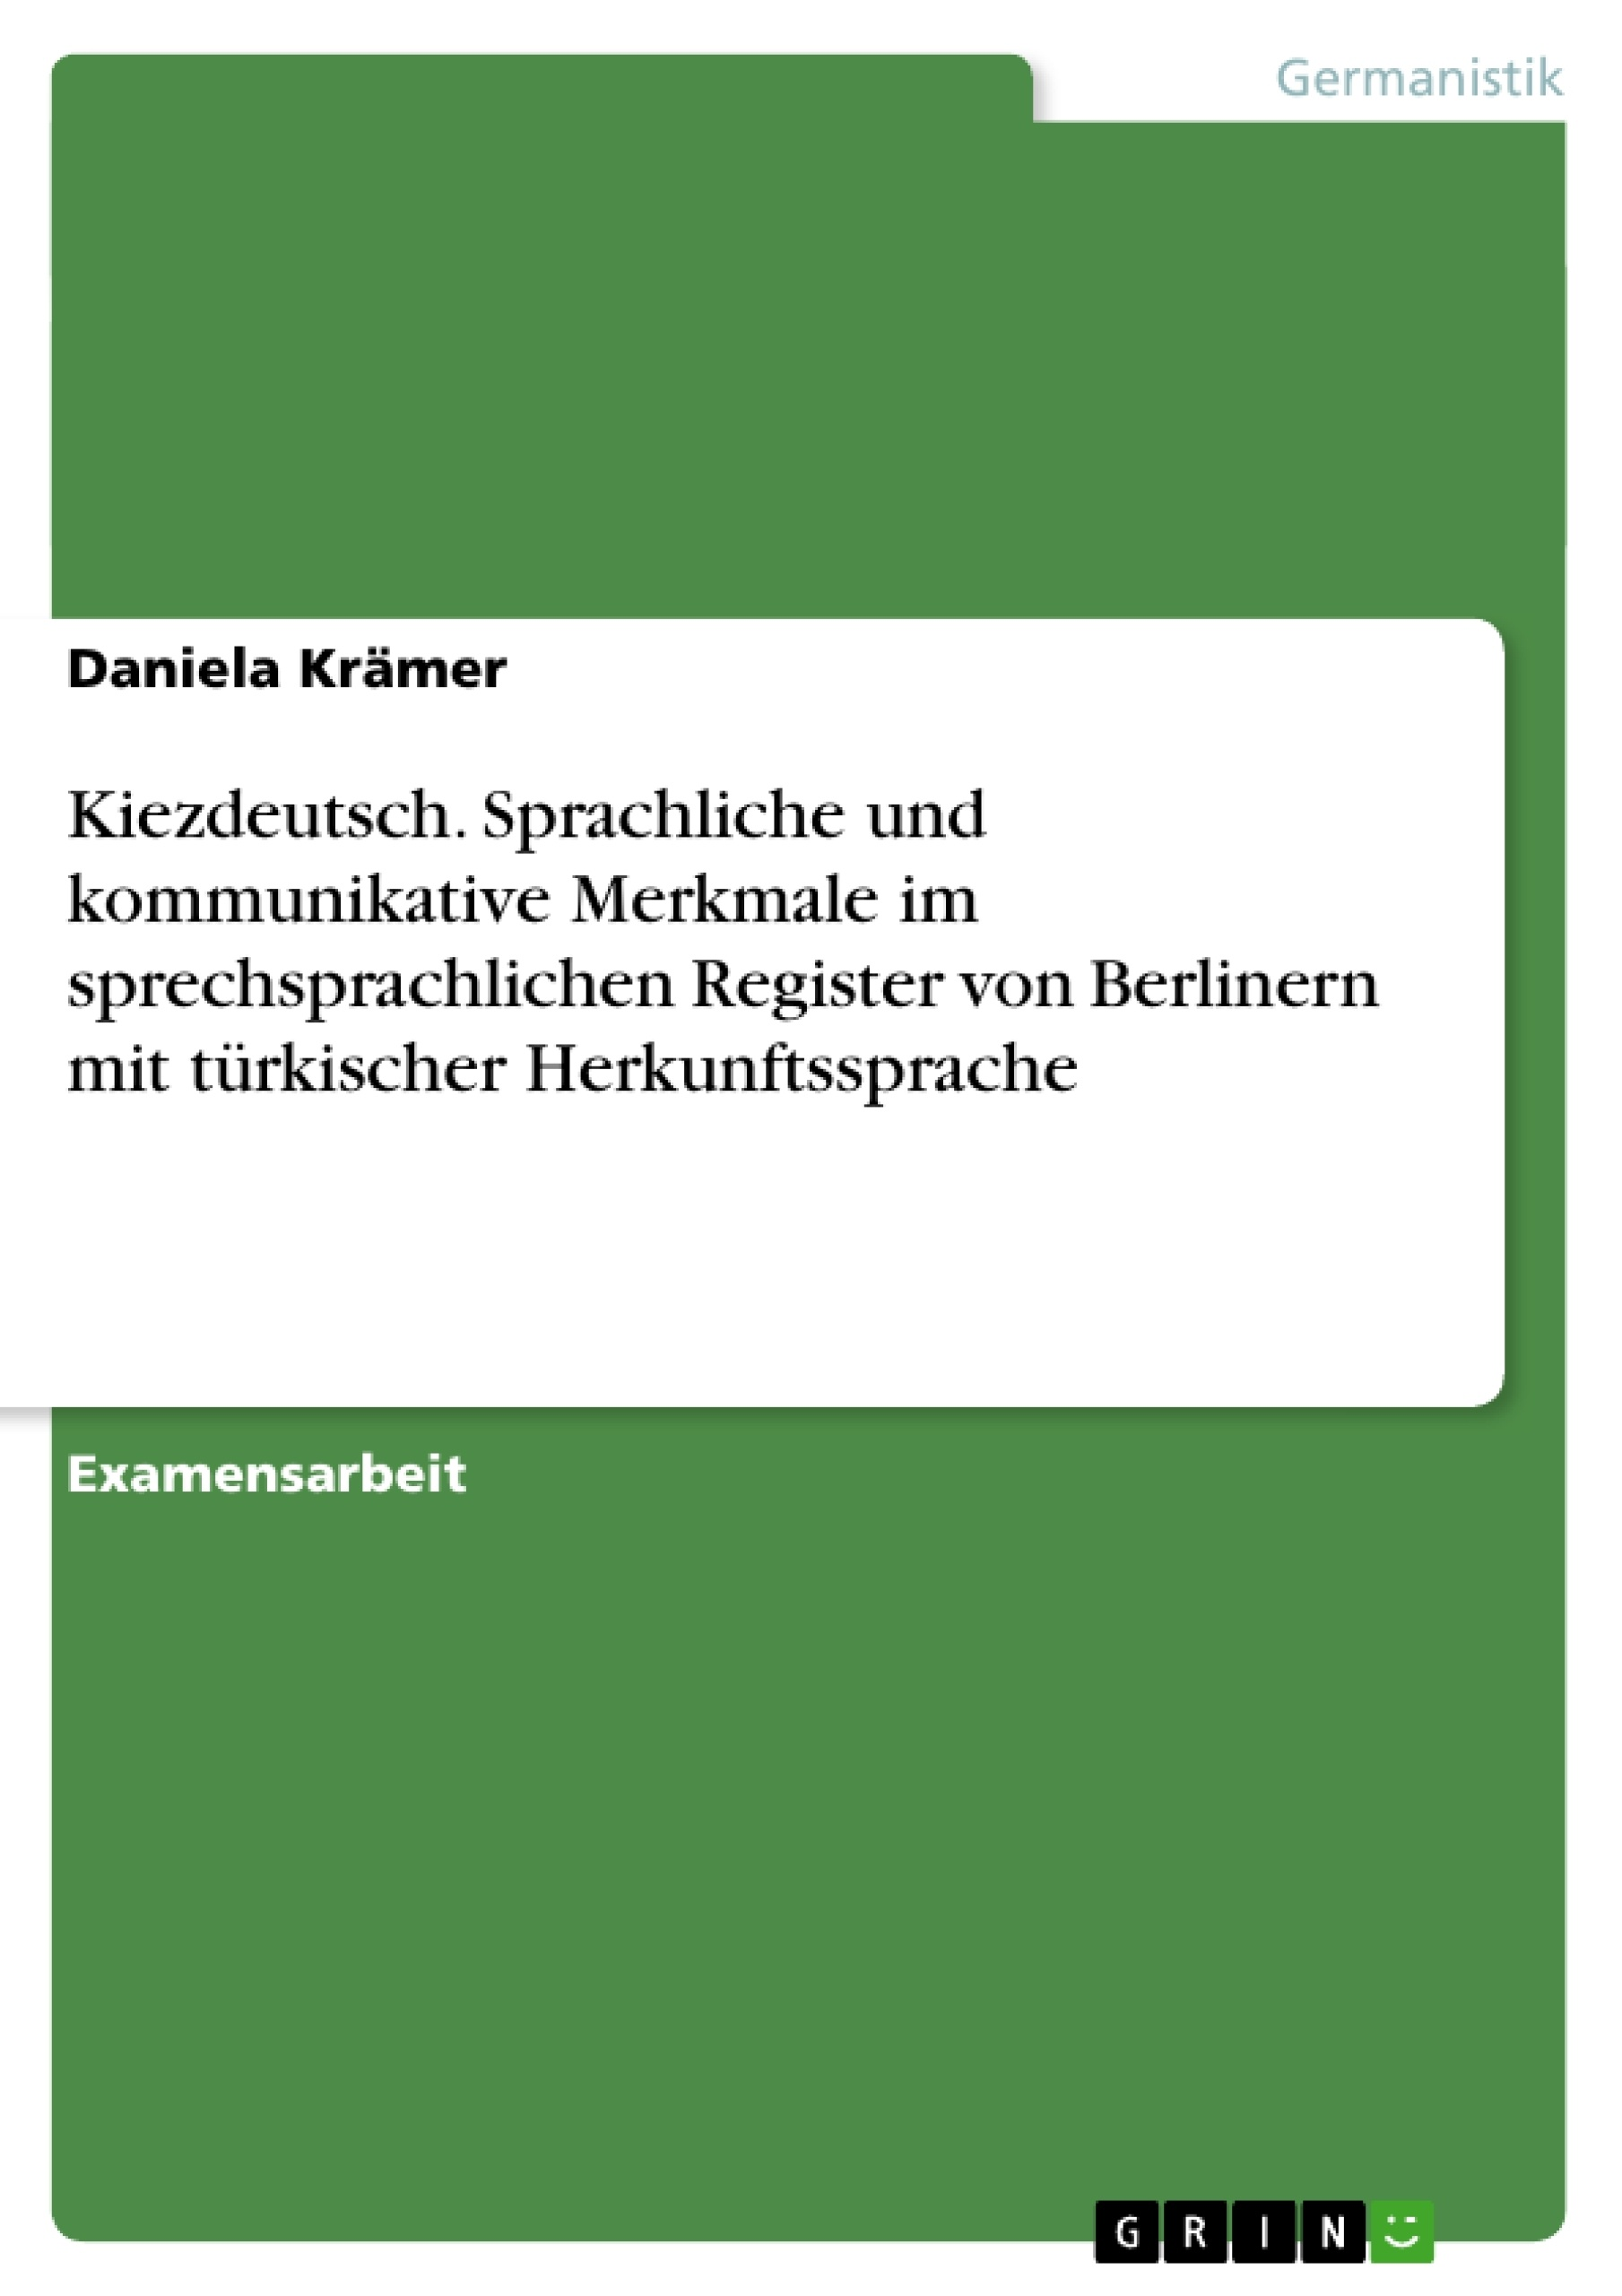 Titel: Kiezdeutsch. Sprachliche und kommunikative Merkmale im sprechsprachlichen Register von Berlinern mit türkischer Herkunftssprache